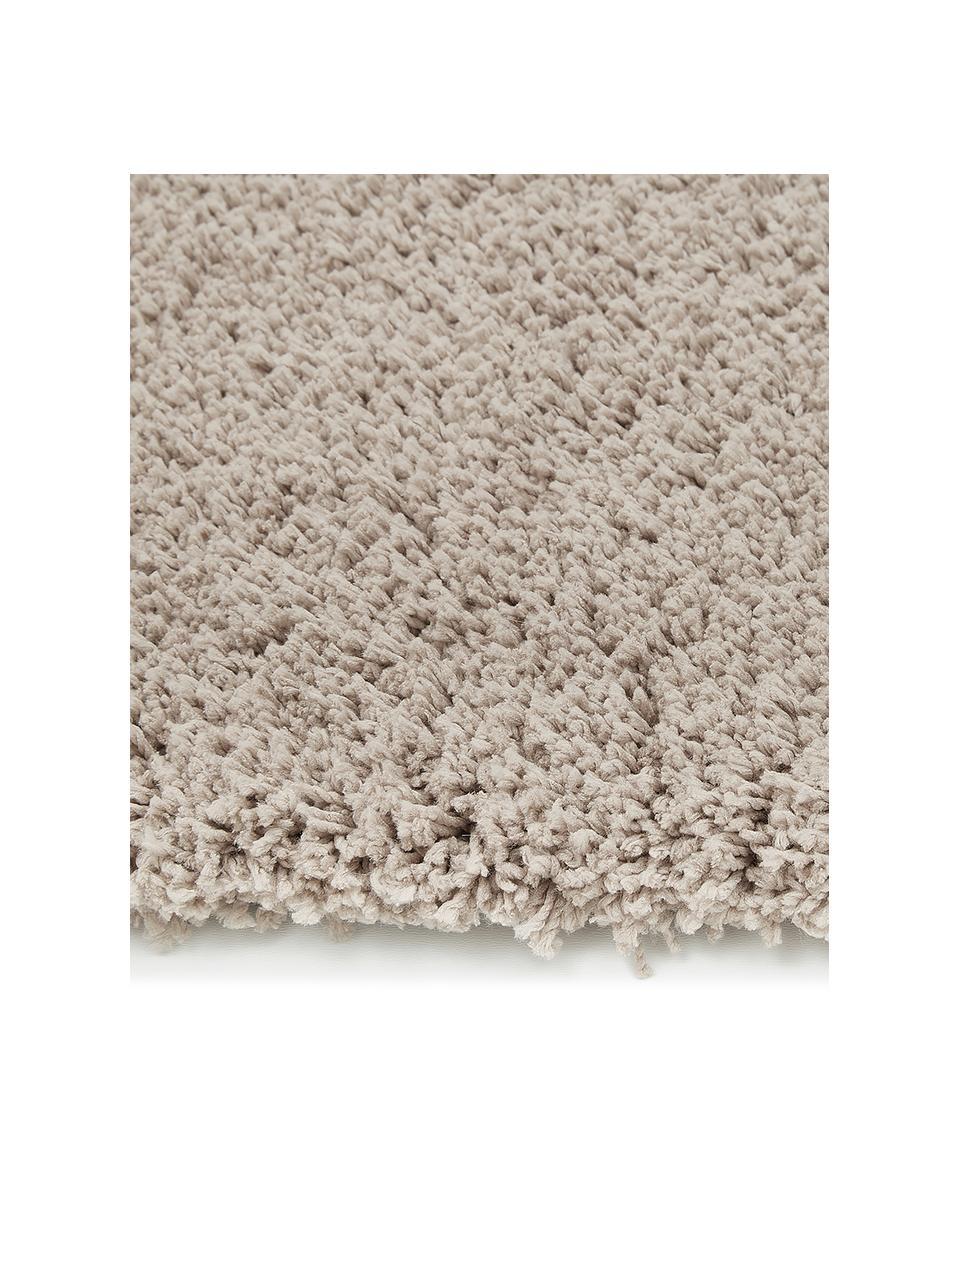 Flauschiger Hochflor-Teppich Leighton in Beige, Flor: Mikrofaser (100% Polyeste, Beige-Braun, B 200 x L 300 cm (Größe L)